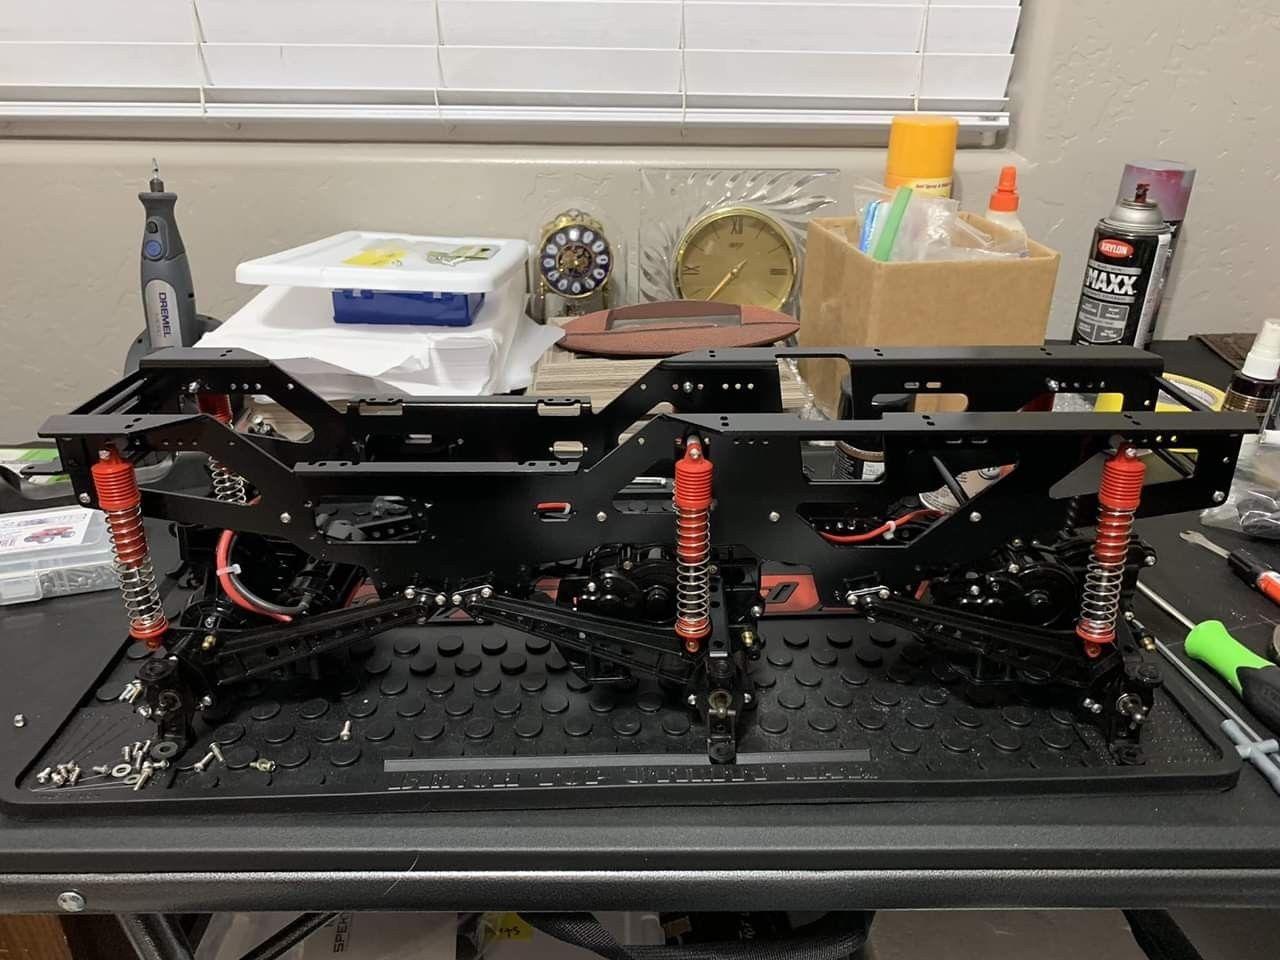 Amortiguadores de aleación de aluminio RC 1/10 con Kit de chasis para TAMIYA clodbumper/Bullhead 4*4 6*6 - 6